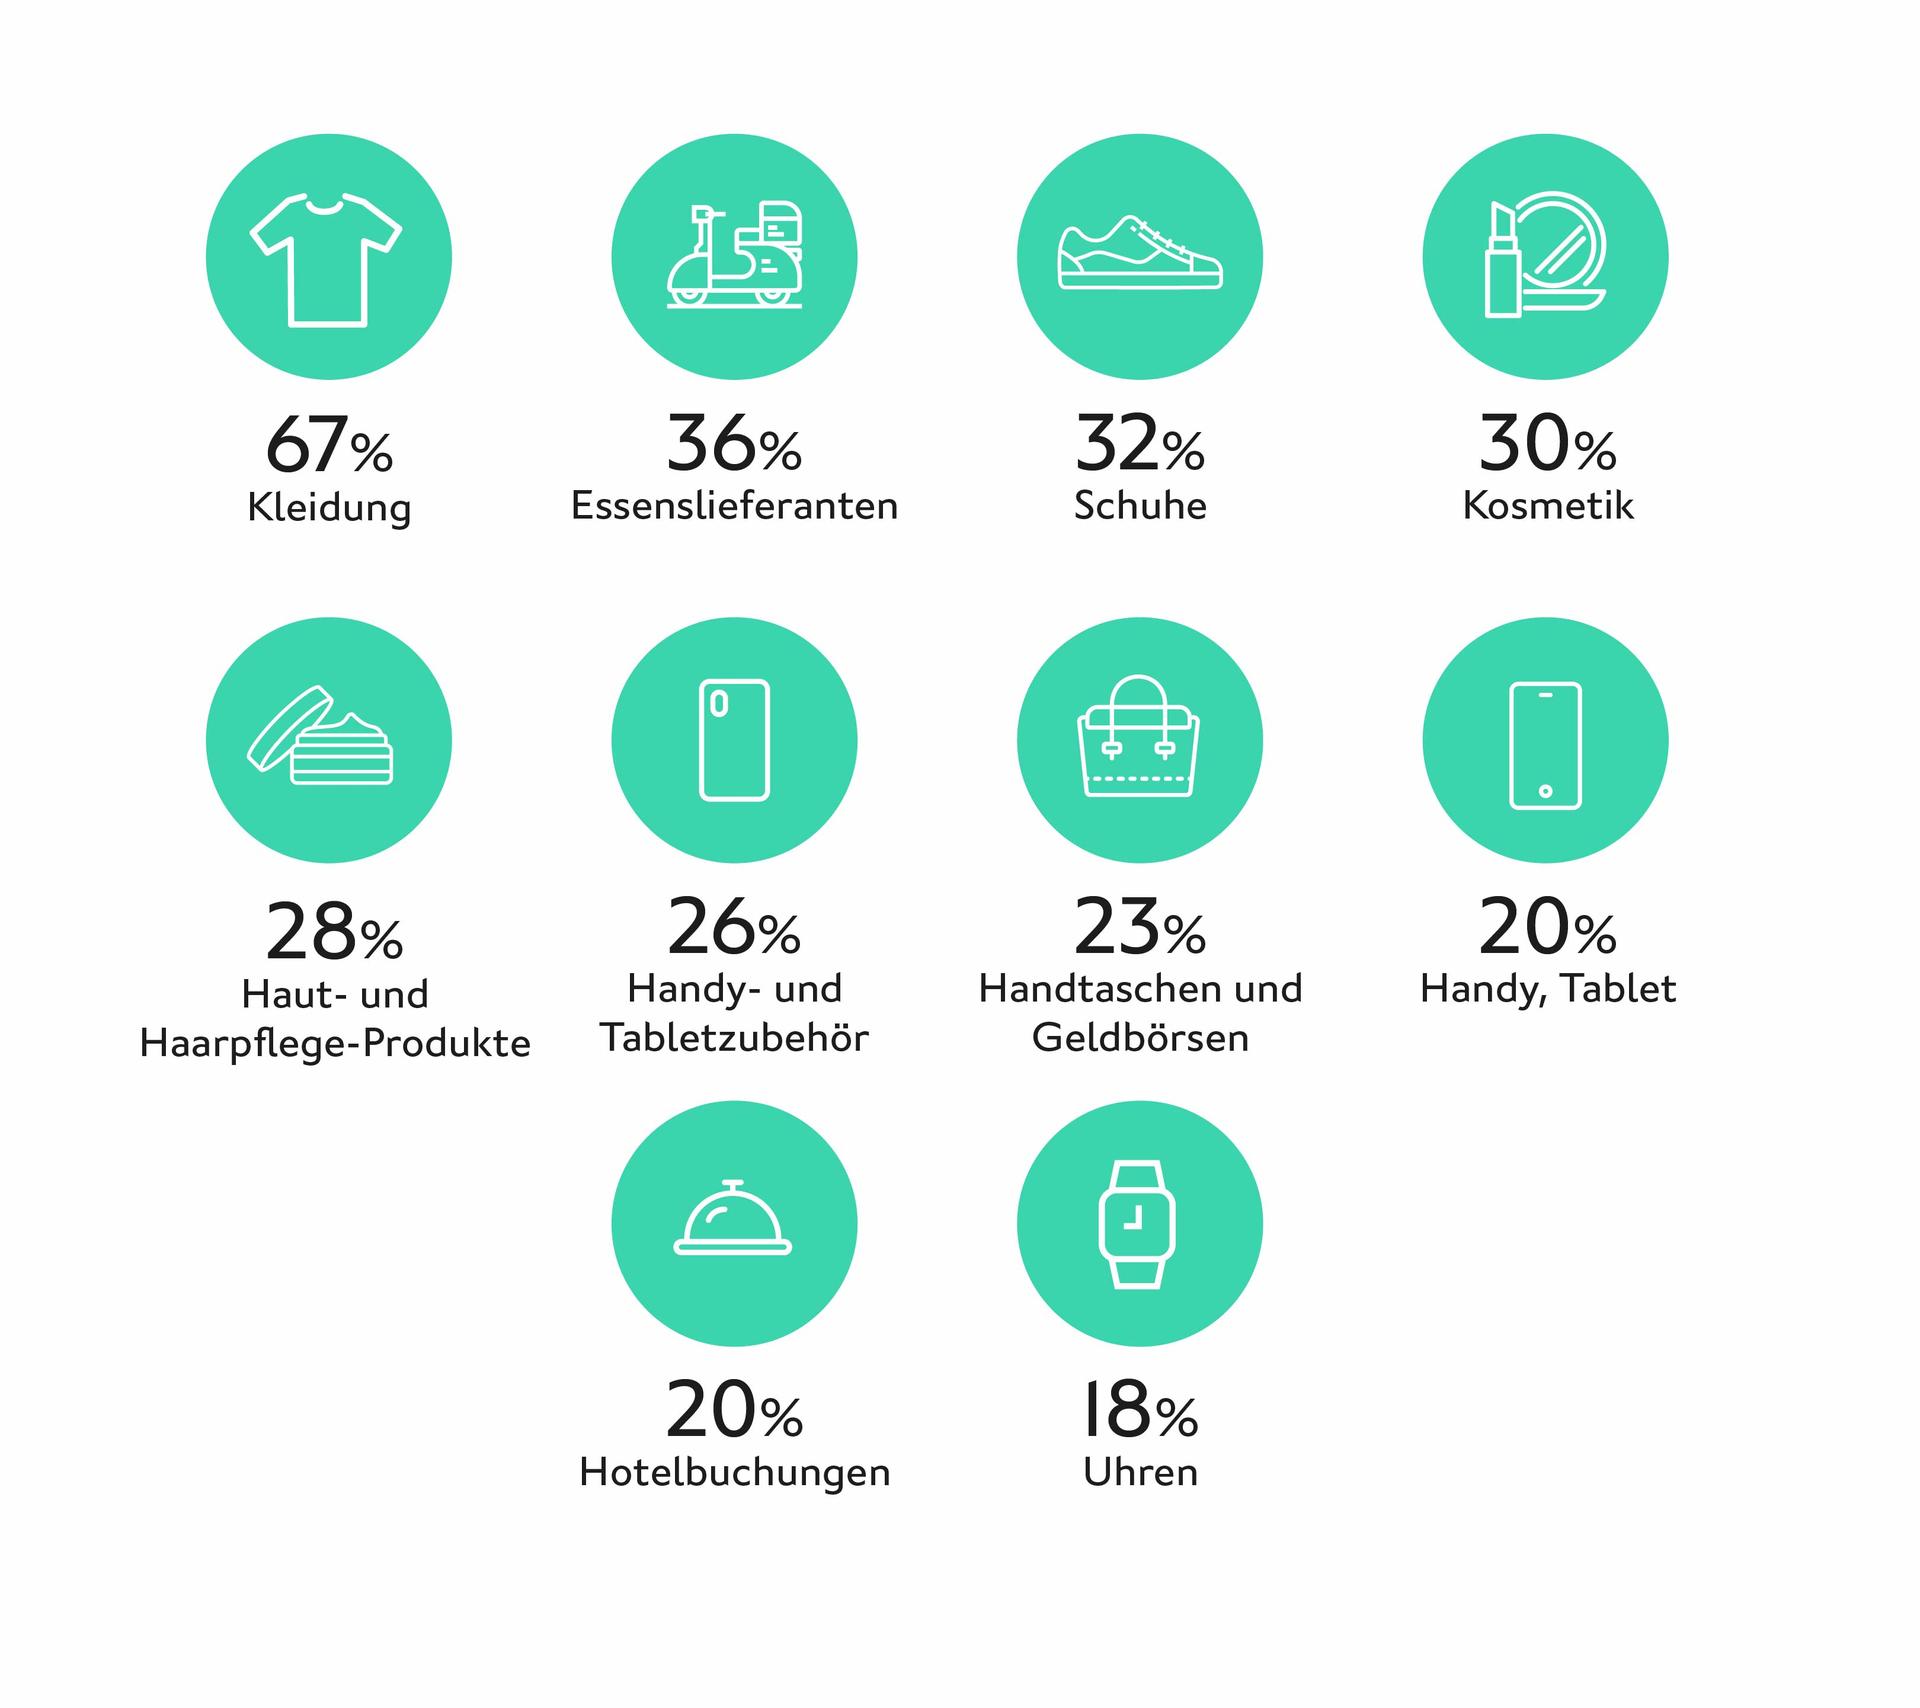 LINK Mobility - Die beliebtesten Produktgruppen im Conversational Commerce sind Kleidung (67 %), Essenslieferanten (36 %), Schuhe (32 %), Kosmetik (30 %), Haut- und Haarpflege-Produkte (28 %) und Handy- und Tabletzubehör (26 %)